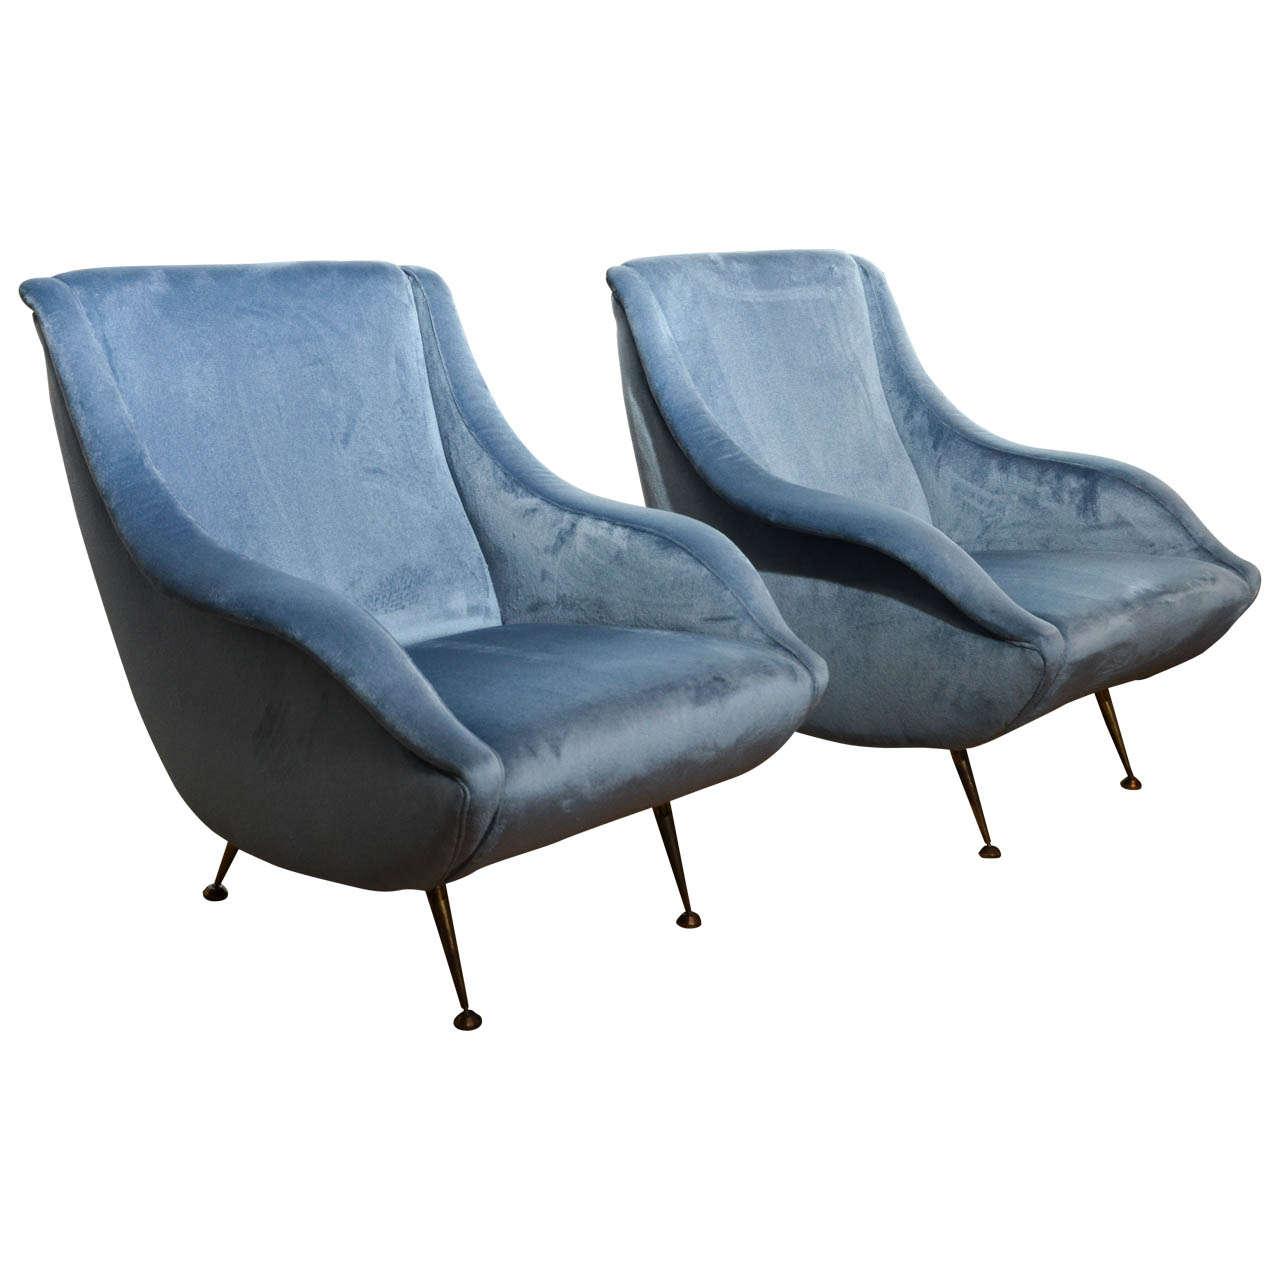 Italian Mid Century Sky Blue Velvet Armchairs In The Style